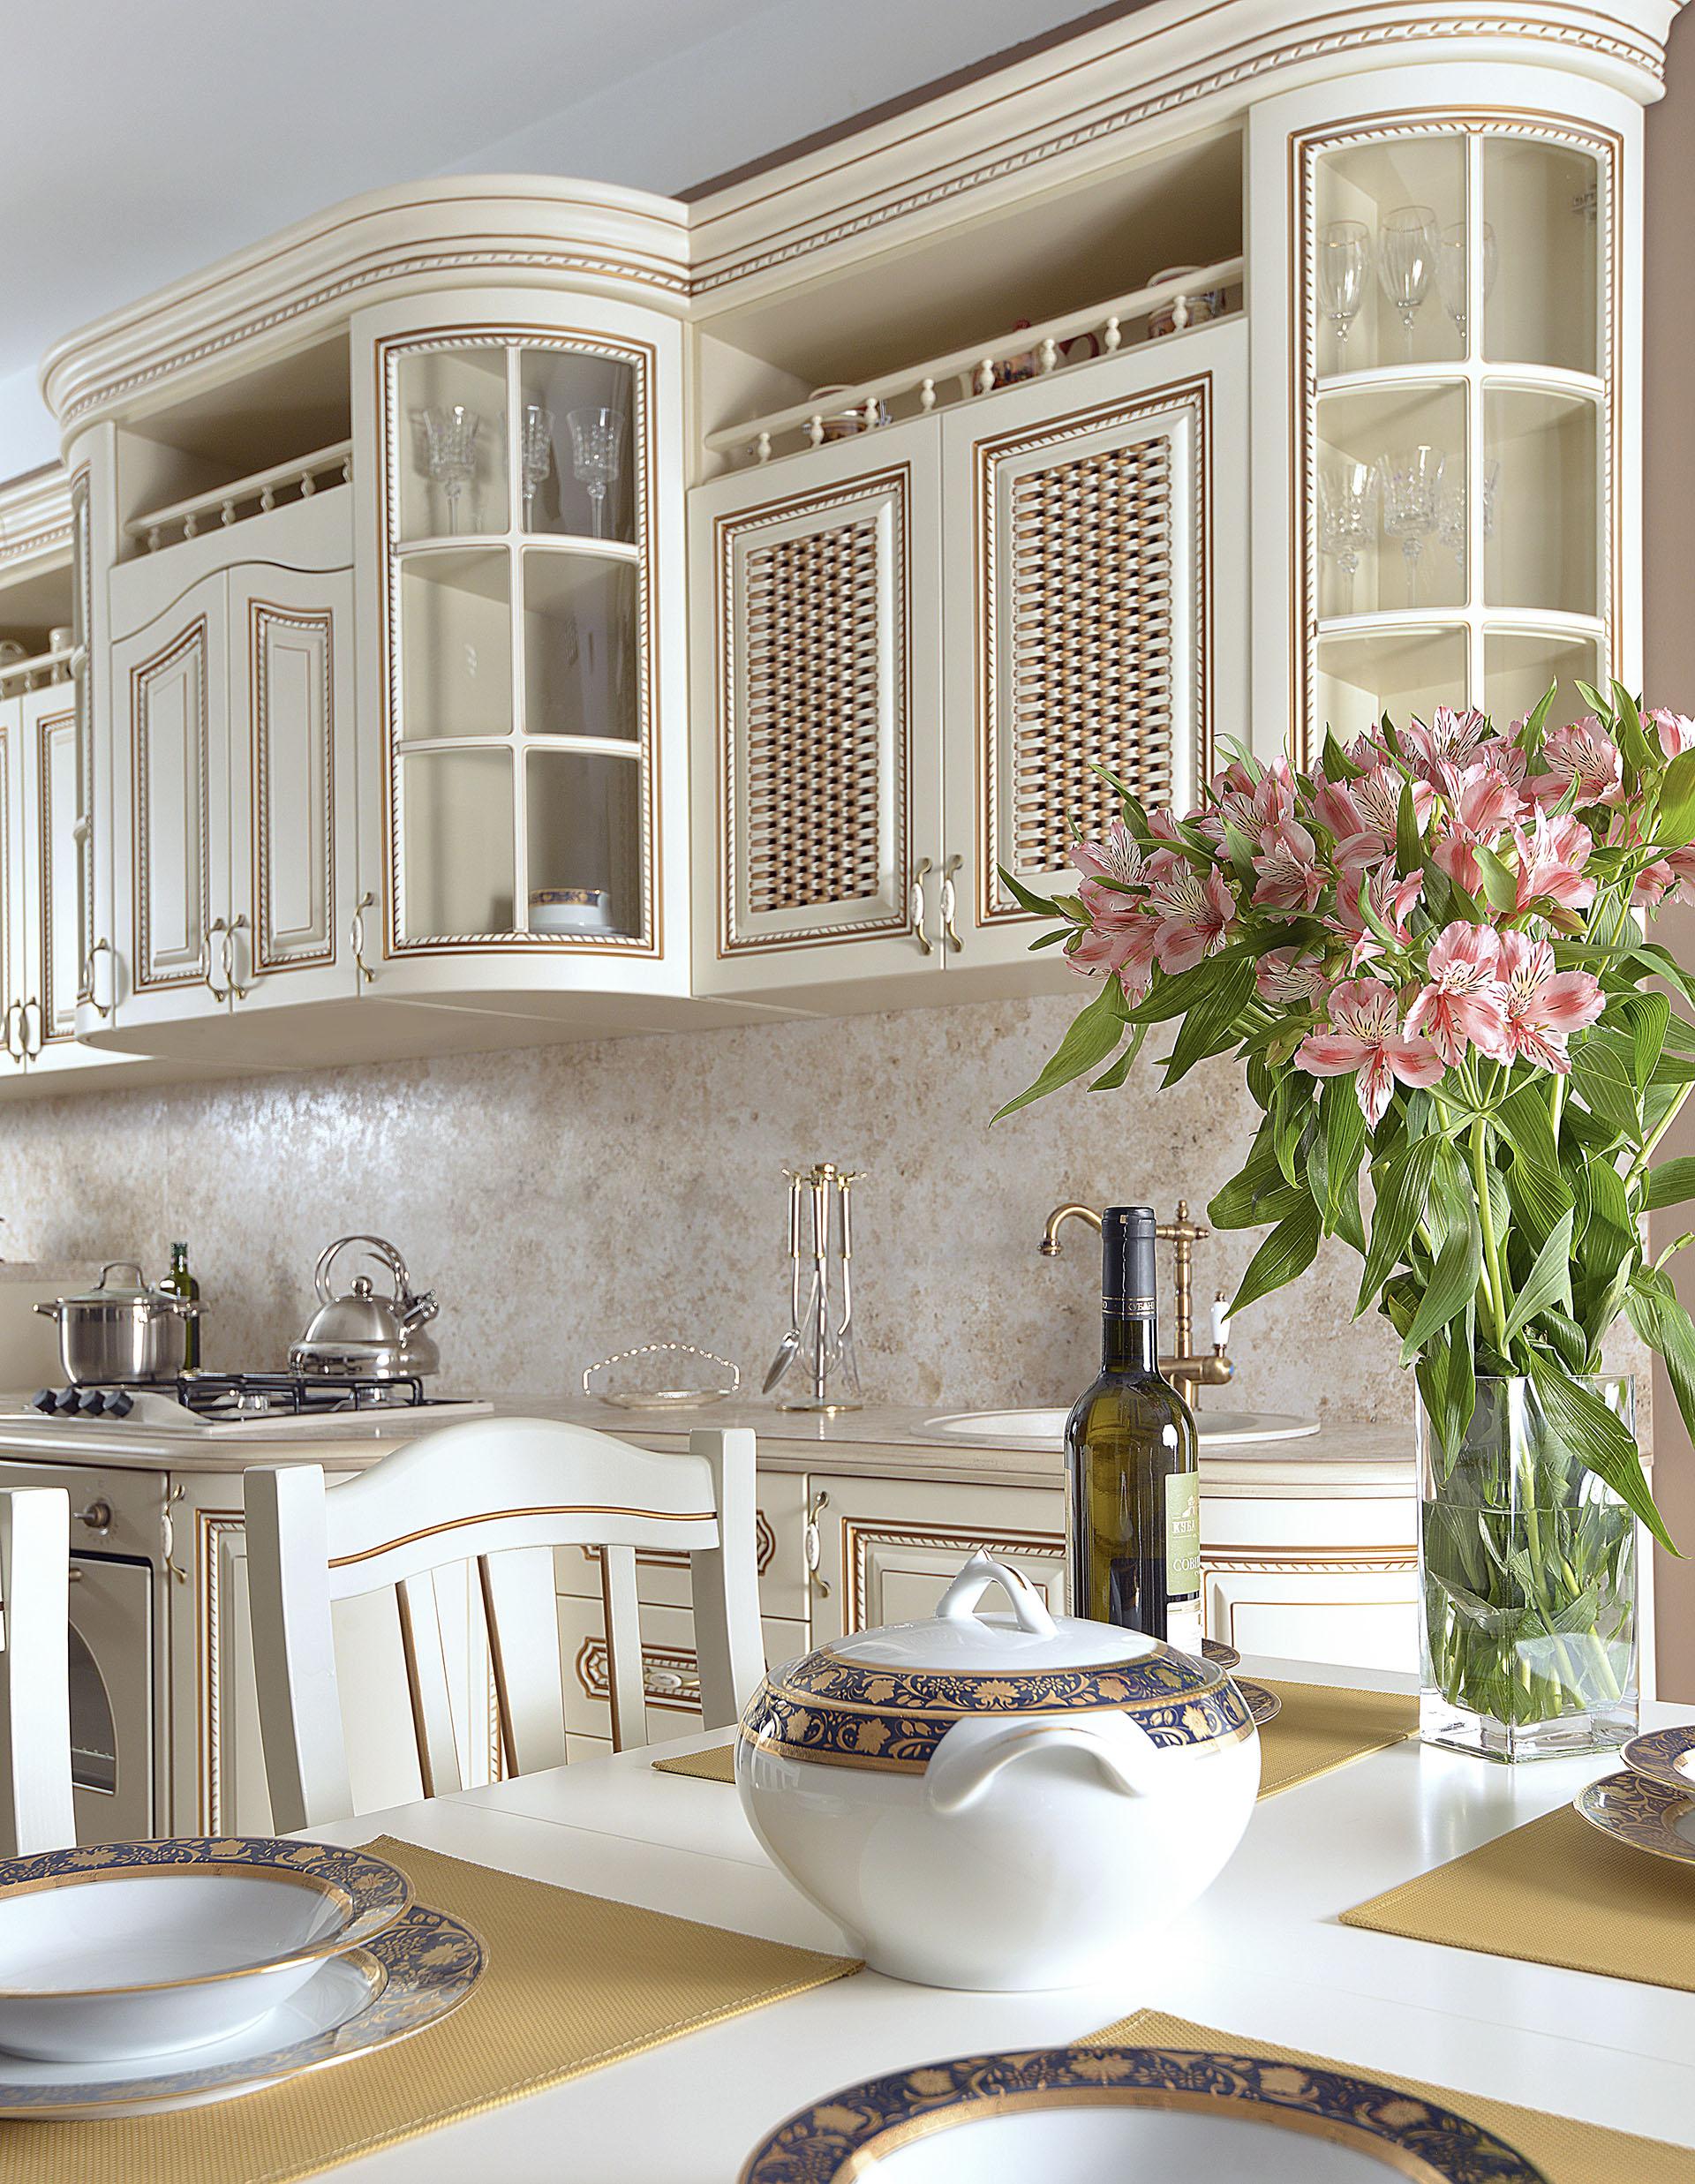 Кухня Селена крем - фото